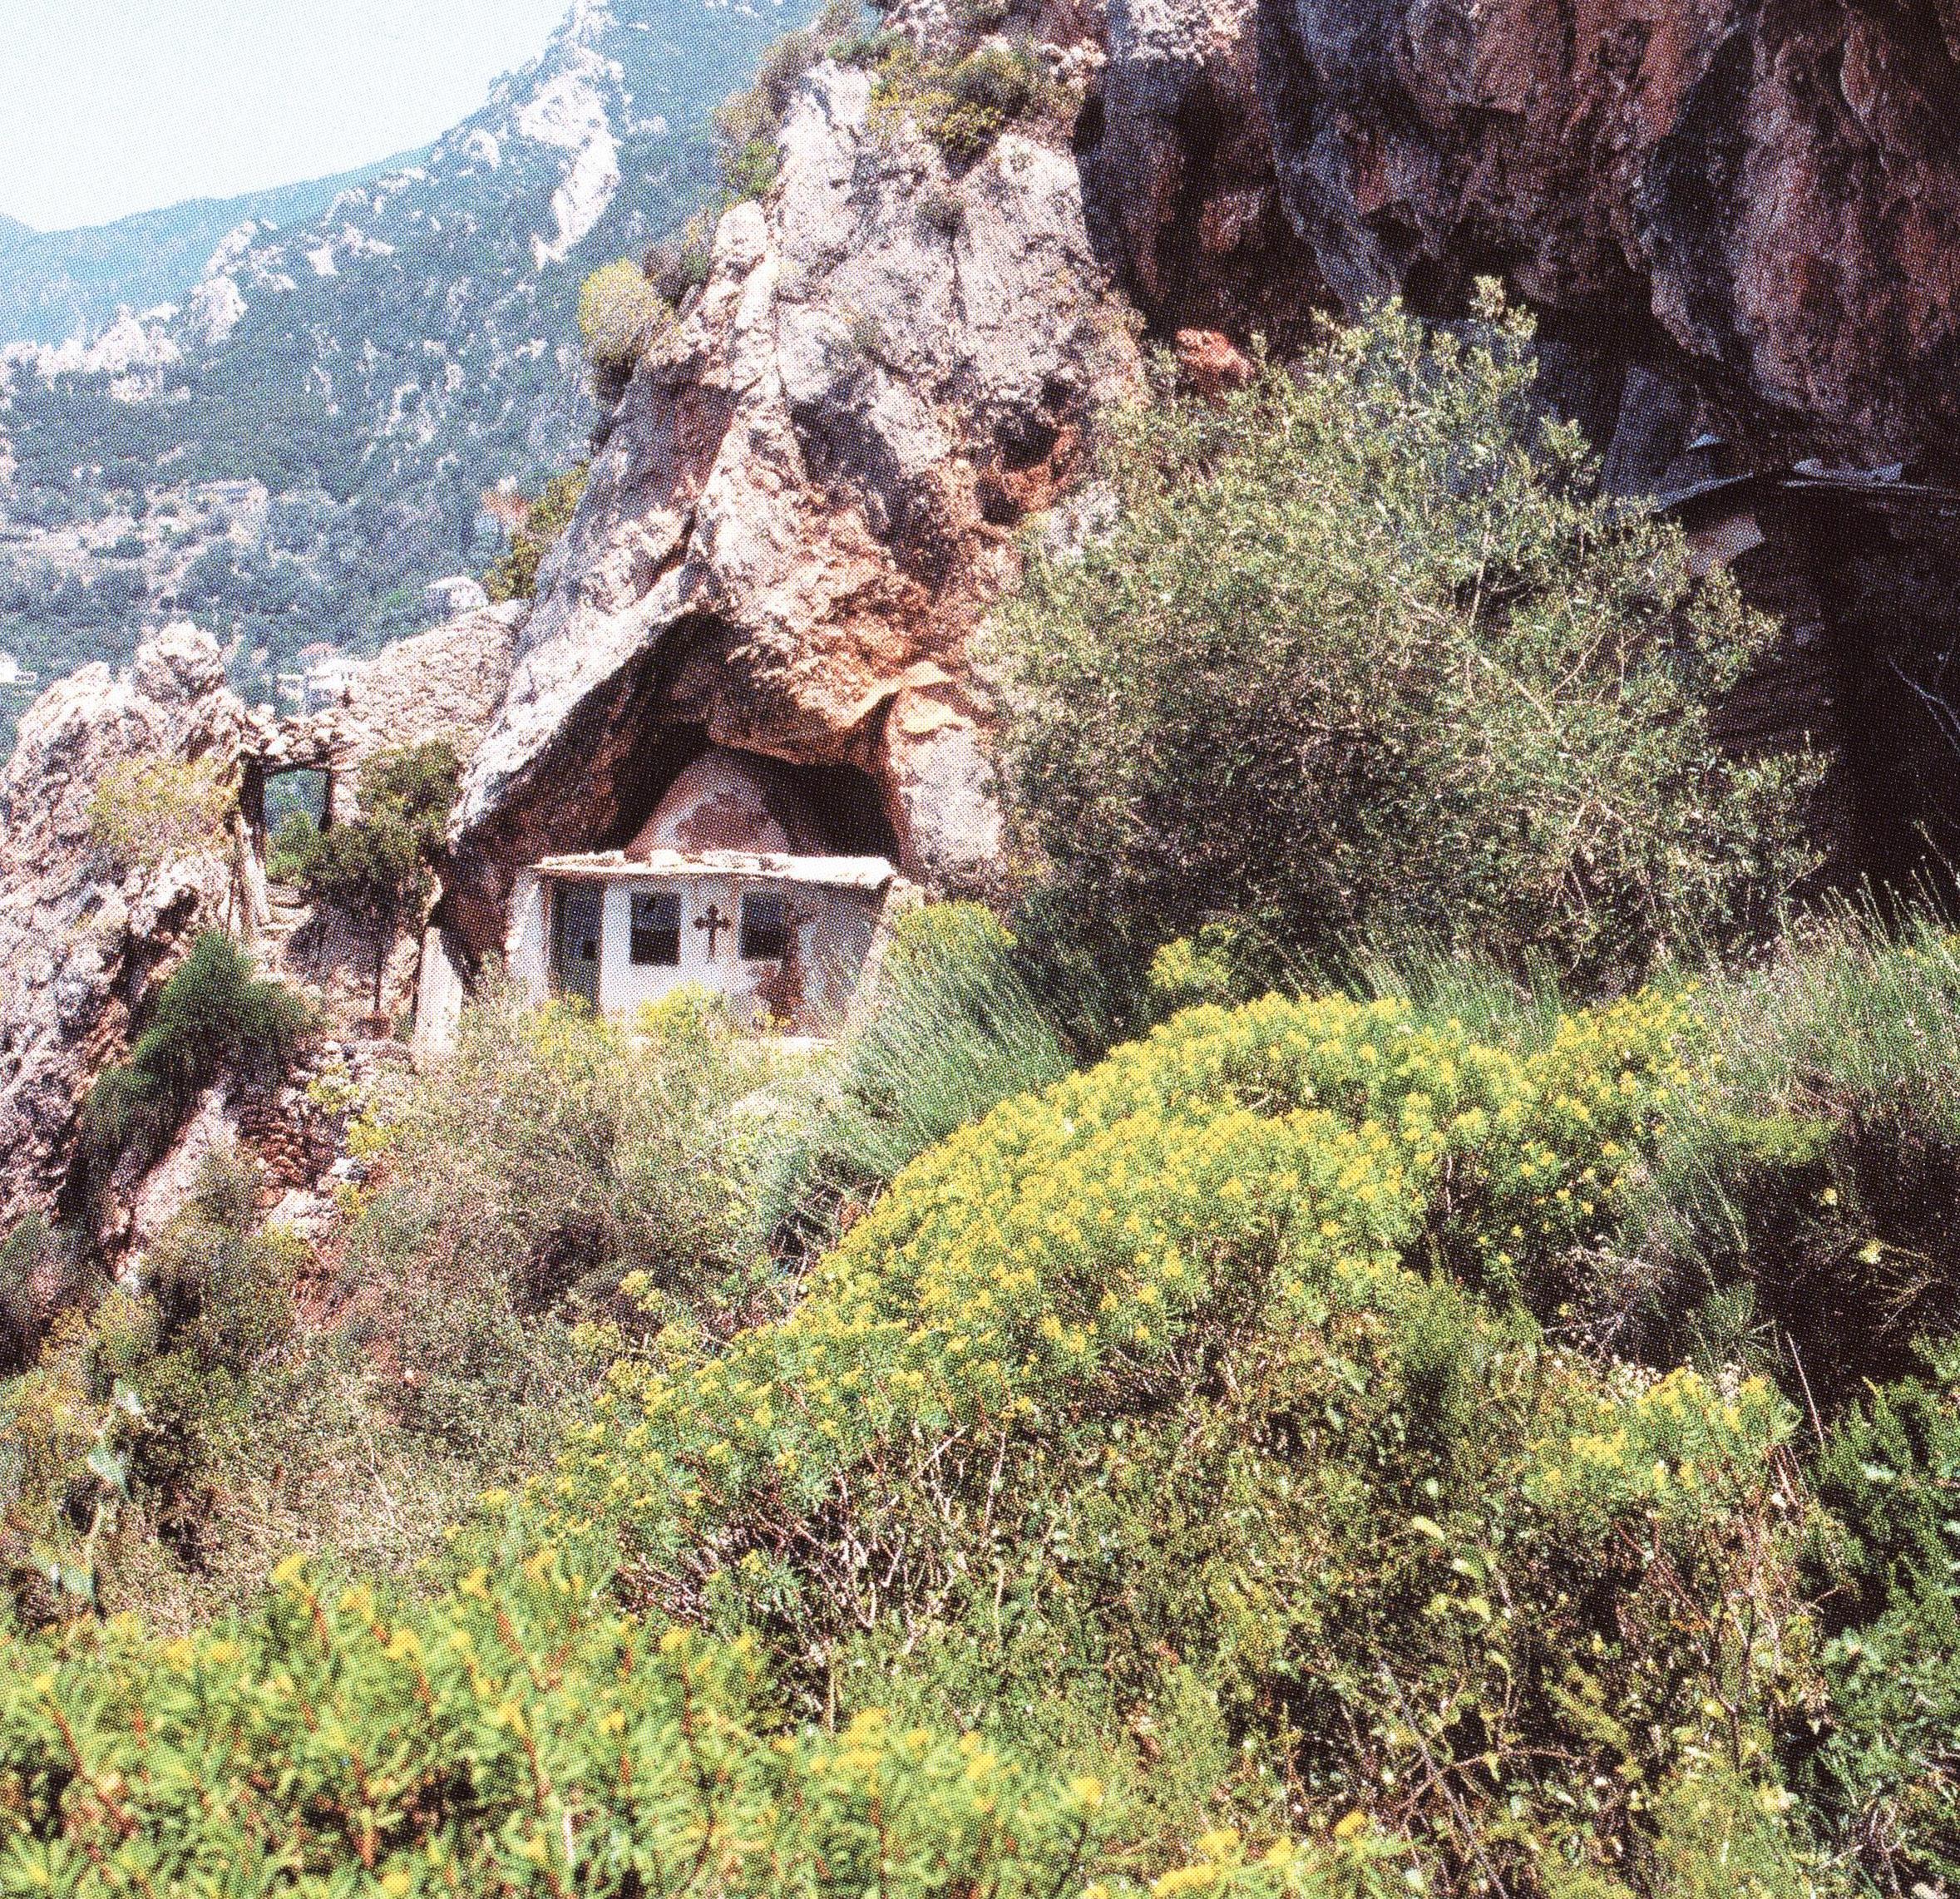 Ο Ιερός Ναός του Τιμίου Προδρόμου στην σπηλιές της Μικράς Αγίας Άννας.